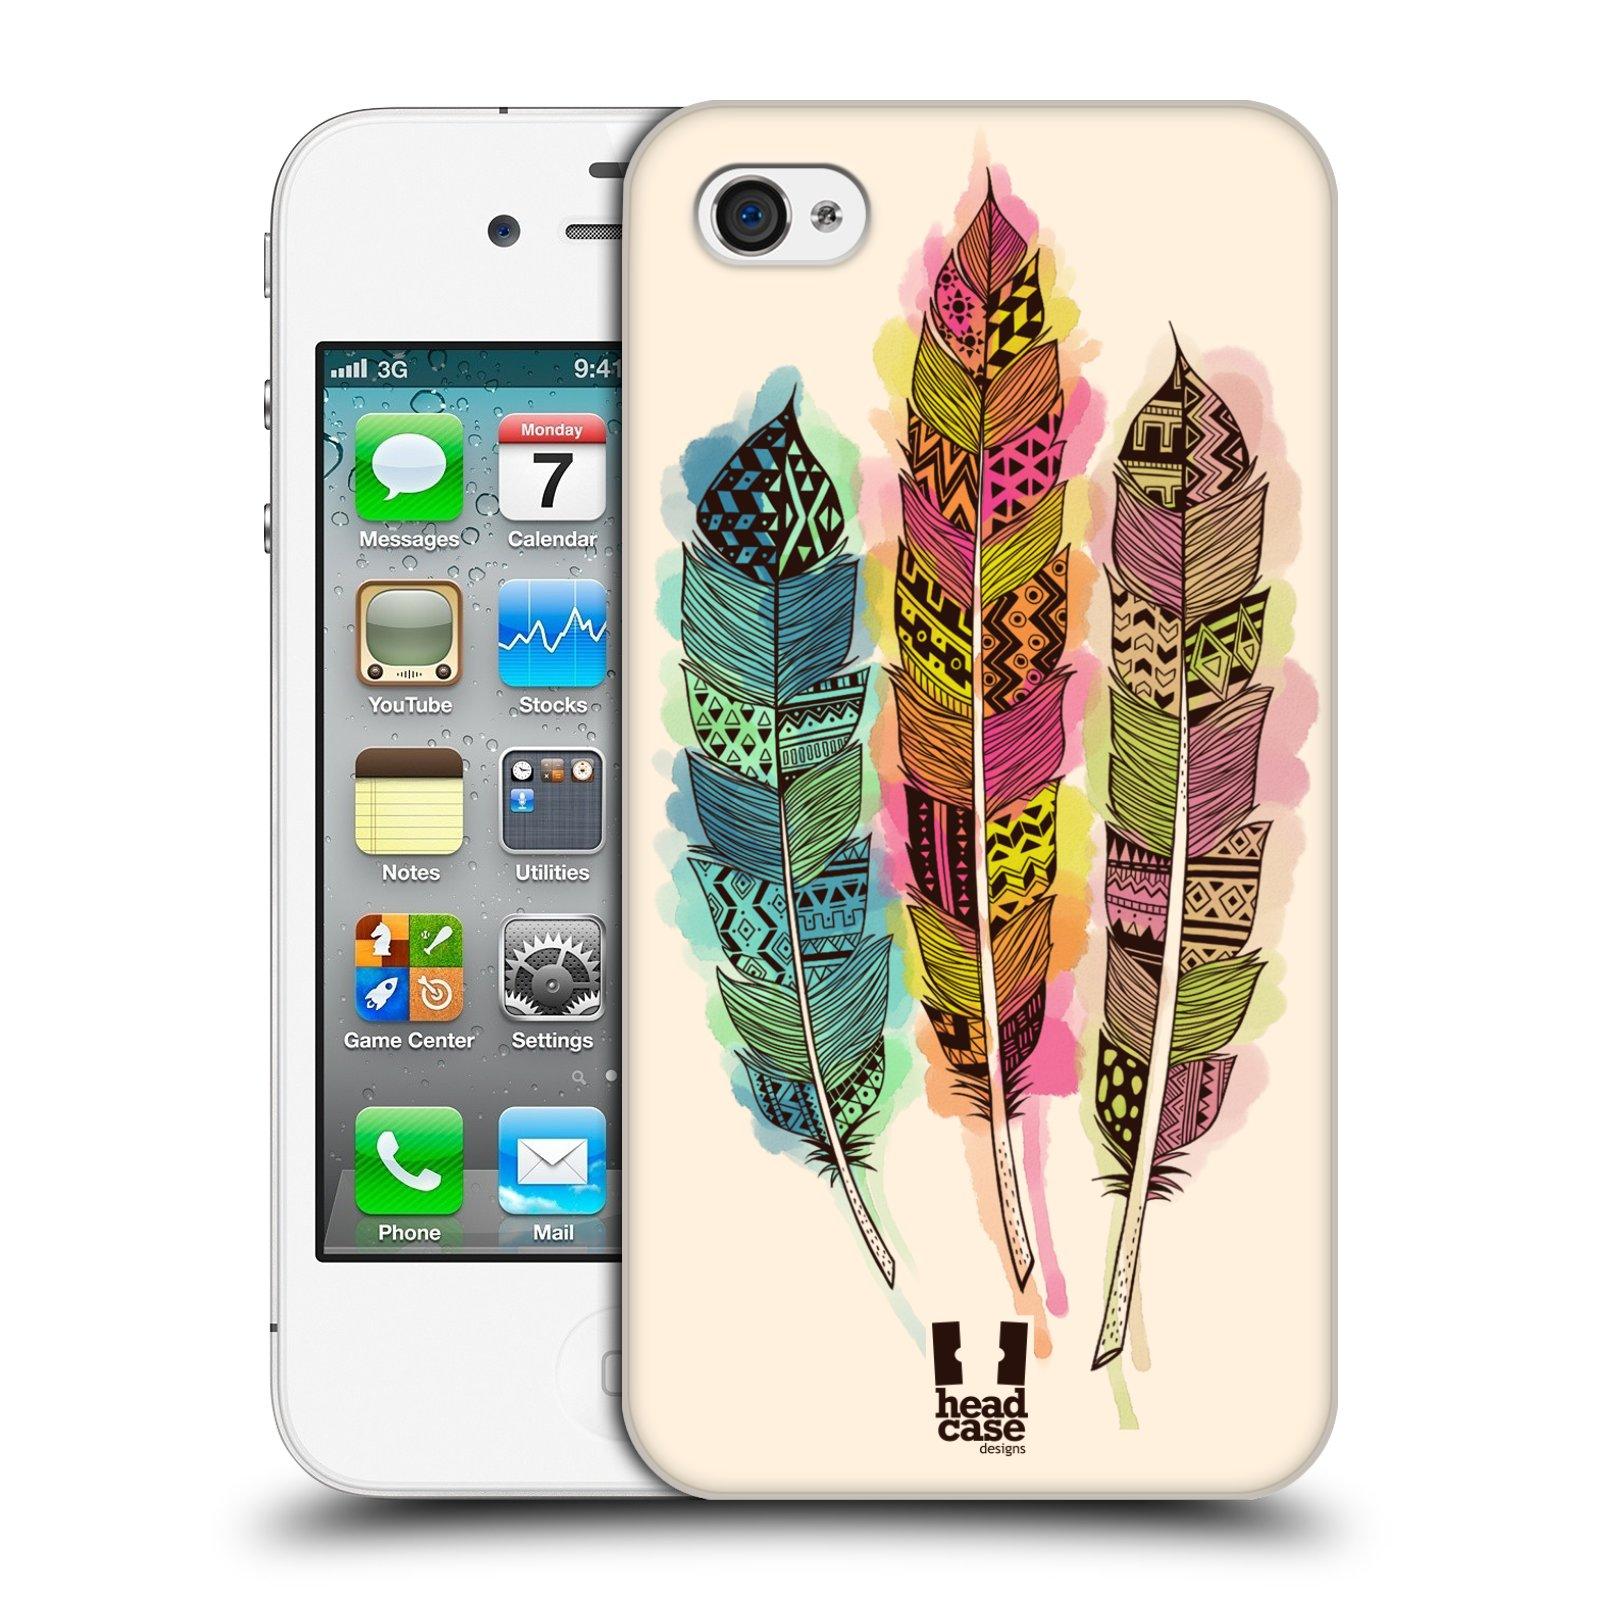 Plastové pouzdro na mobil Apple iPhone 4 a 4S HEAD CASE AZTEC PÍRKA SPLASH